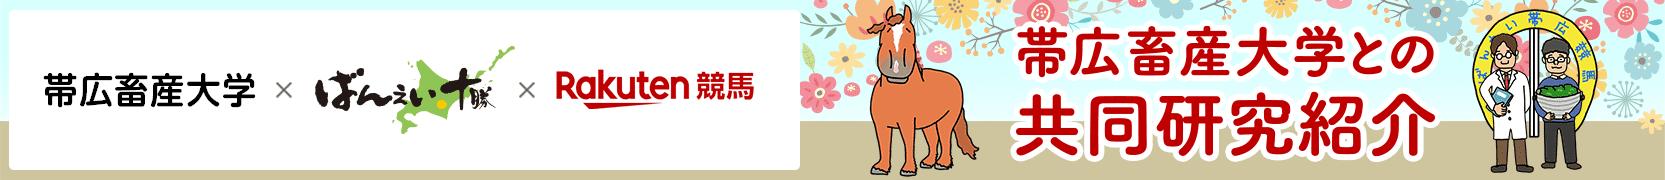 帯広畜産大学との共同研究紹介